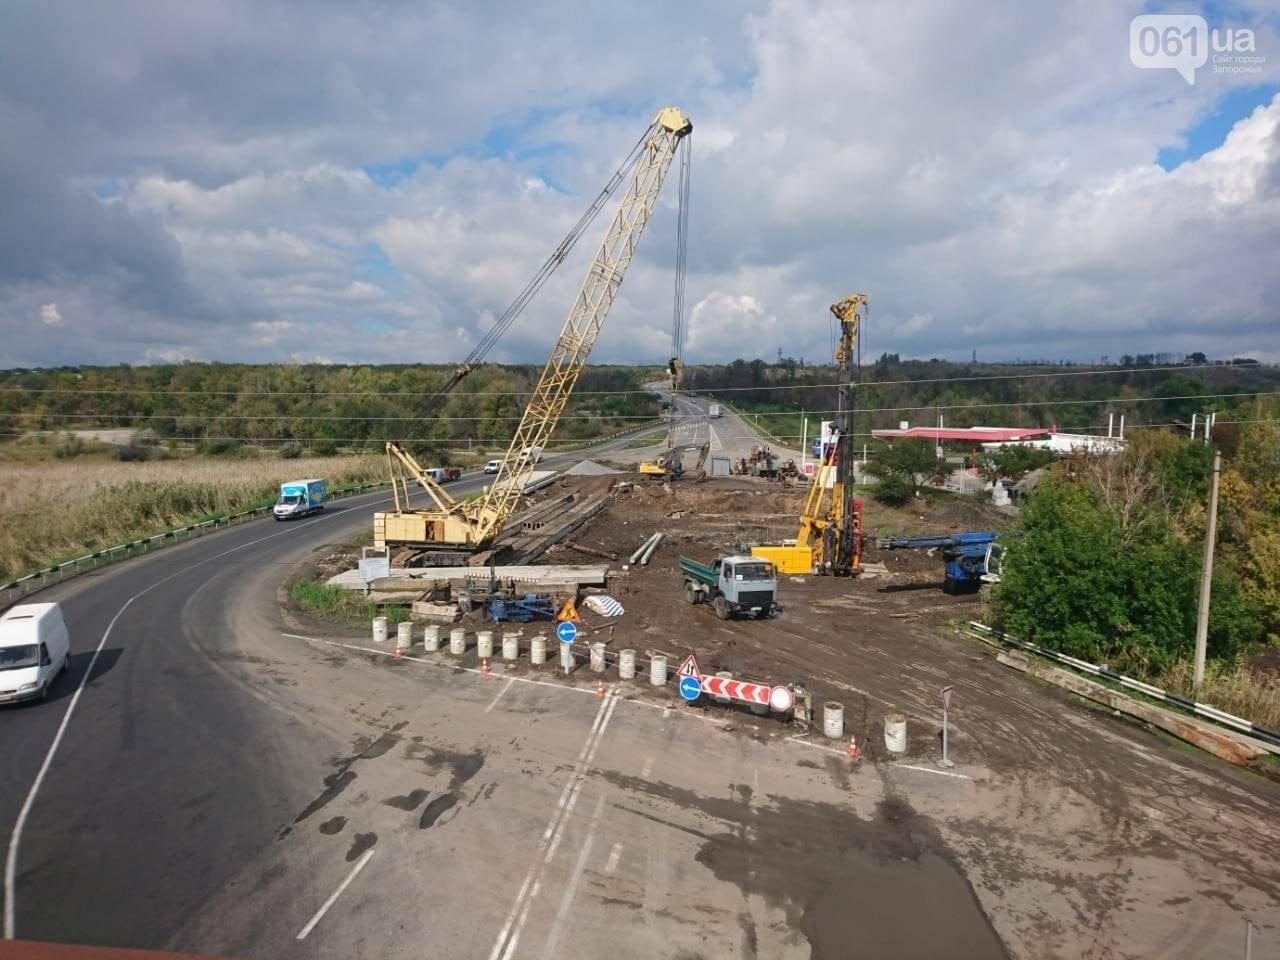 На запорожской трассе демонтировали мост через Сухую Балку, - ФОТО, фото-2